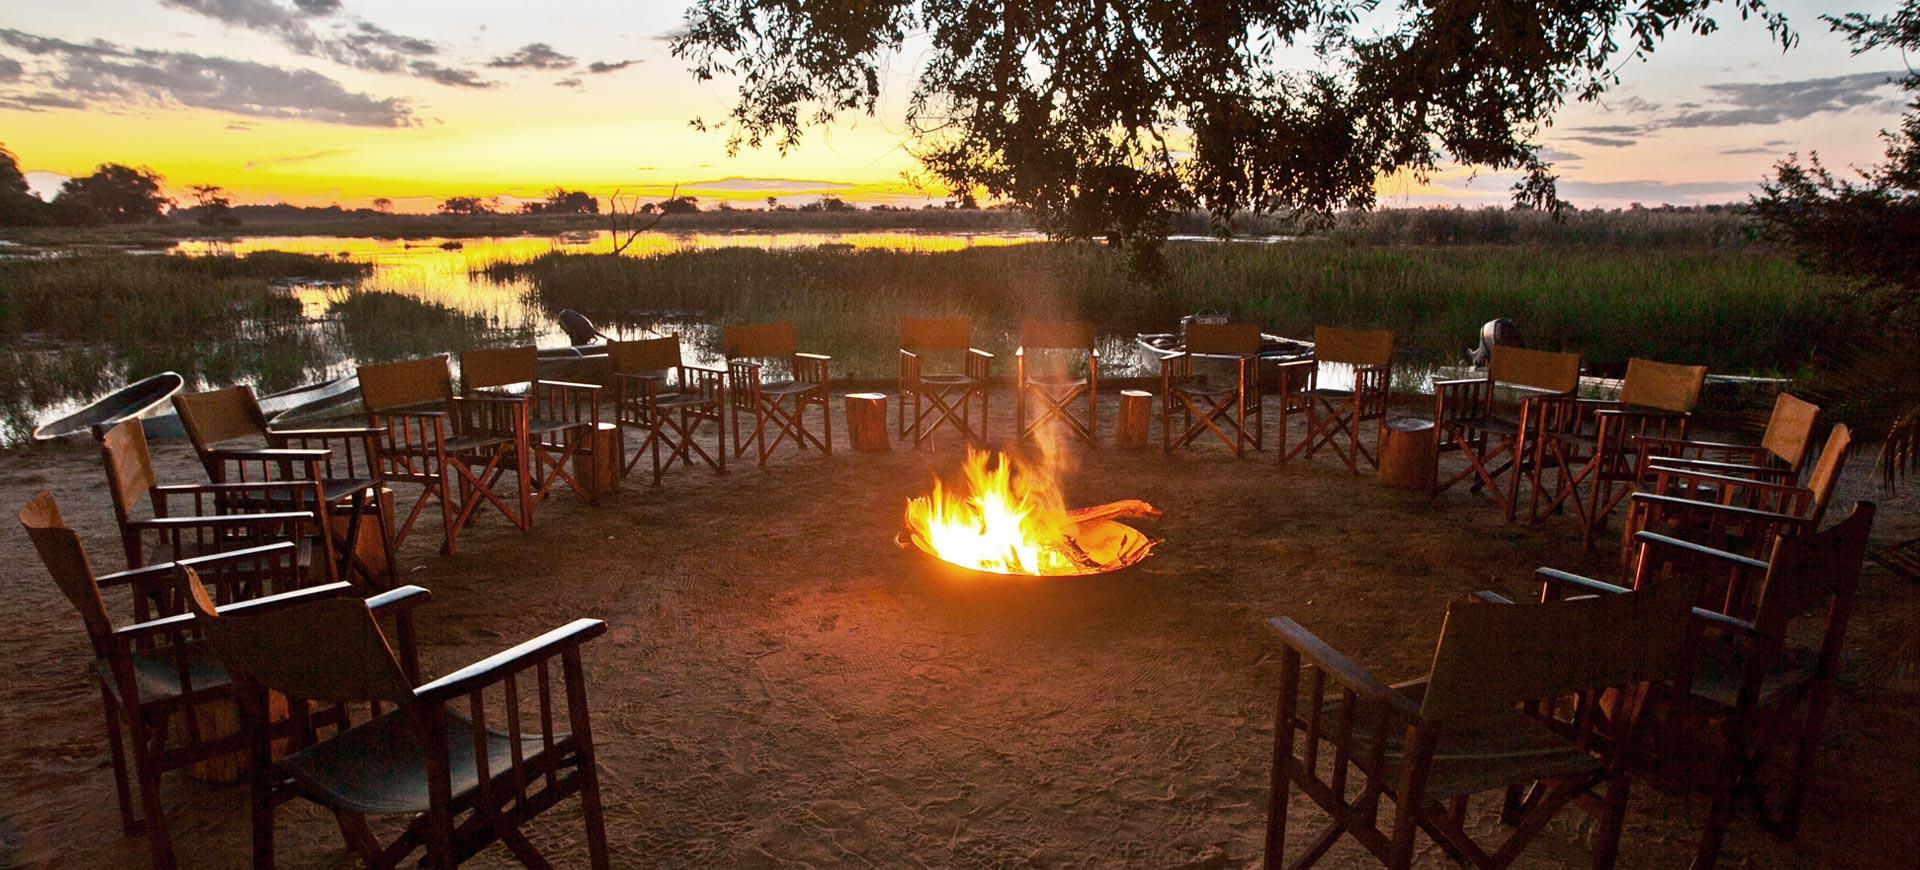 Pom Pom Camp Okavango Delta